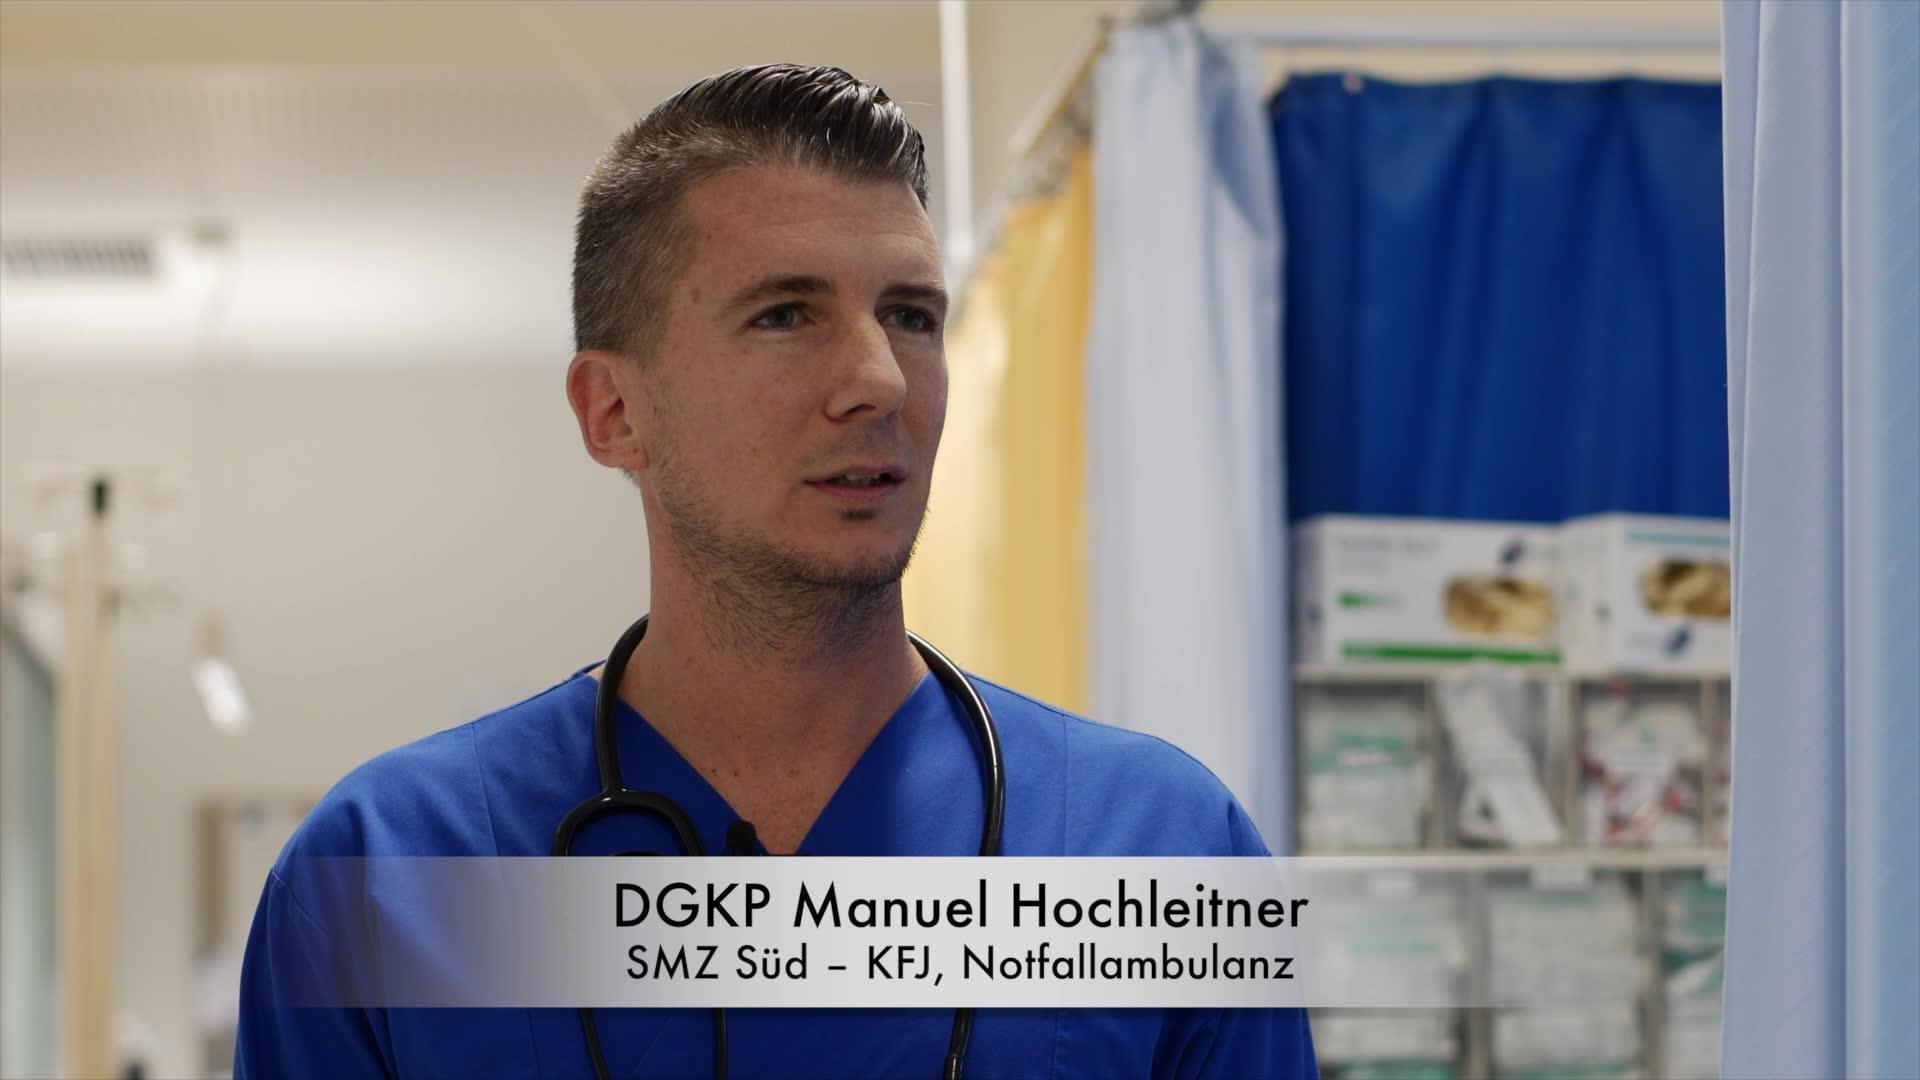 DiplomierteR Gesundheits- und KrankenpflegerIn (Kinder- und Jugendlichenpflege) auslaufend ab 31.12.2023